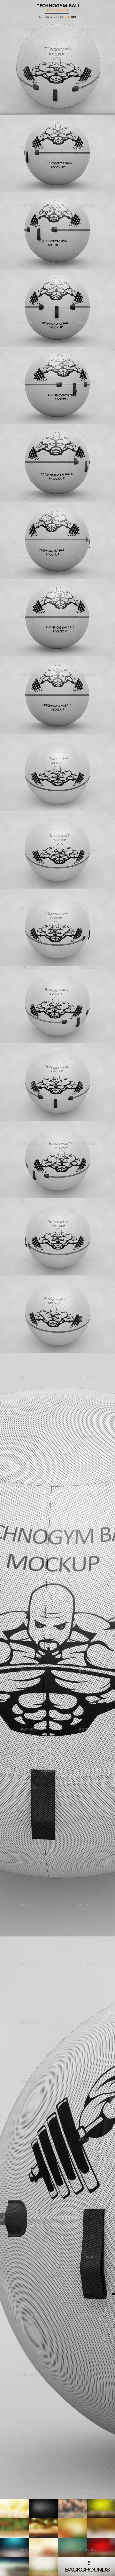 Gym Ball MockUp - Product Mock-Ups Graphics